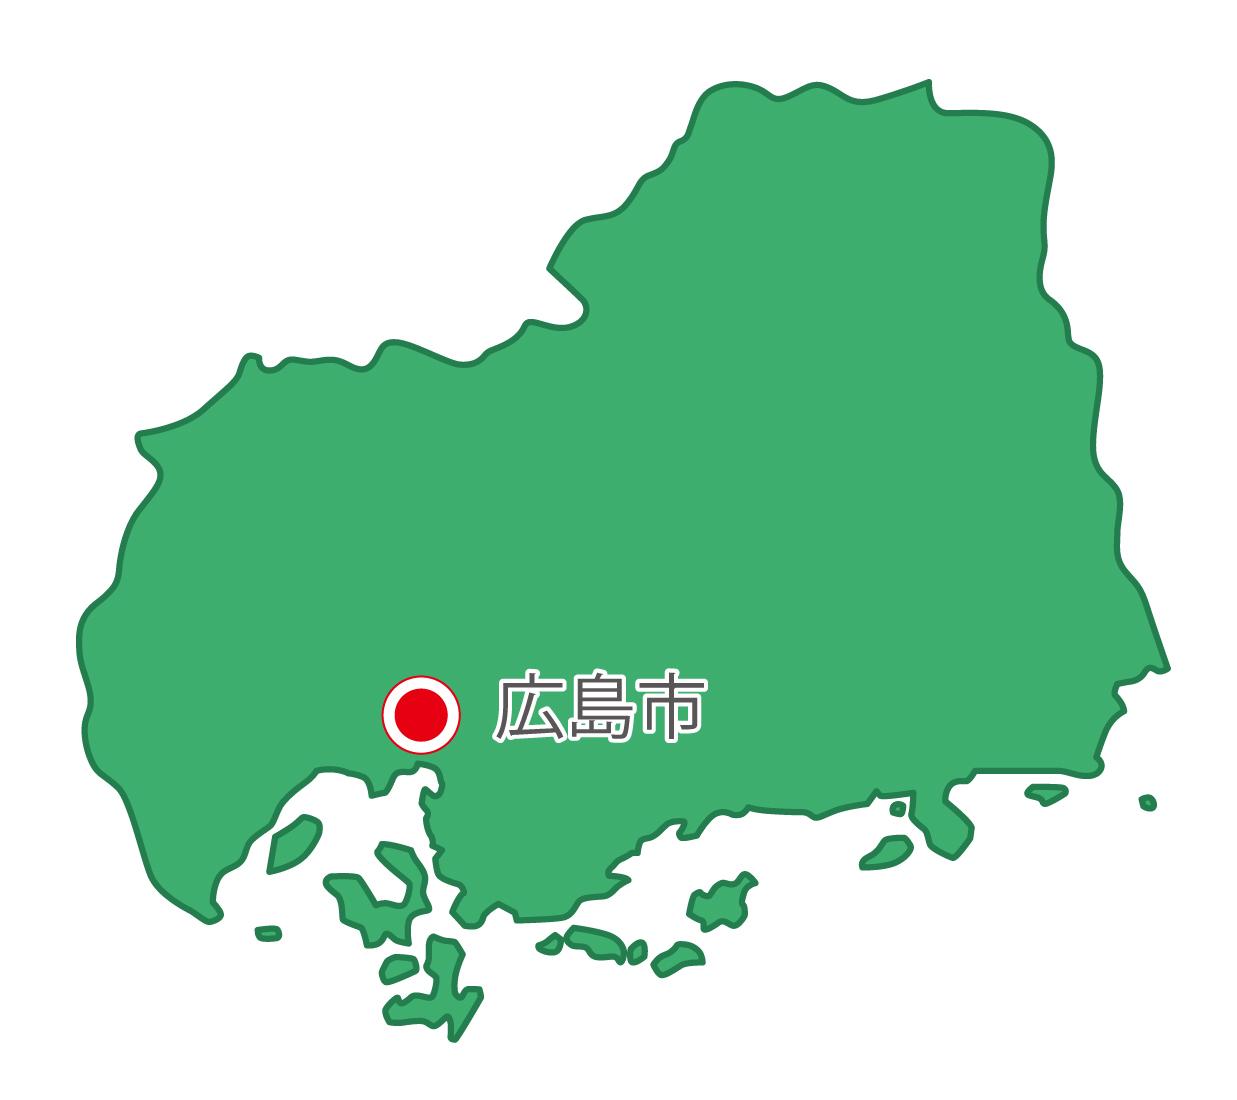 広島県無料フリーイラスト|日本語・県庁所在地あり(緑)